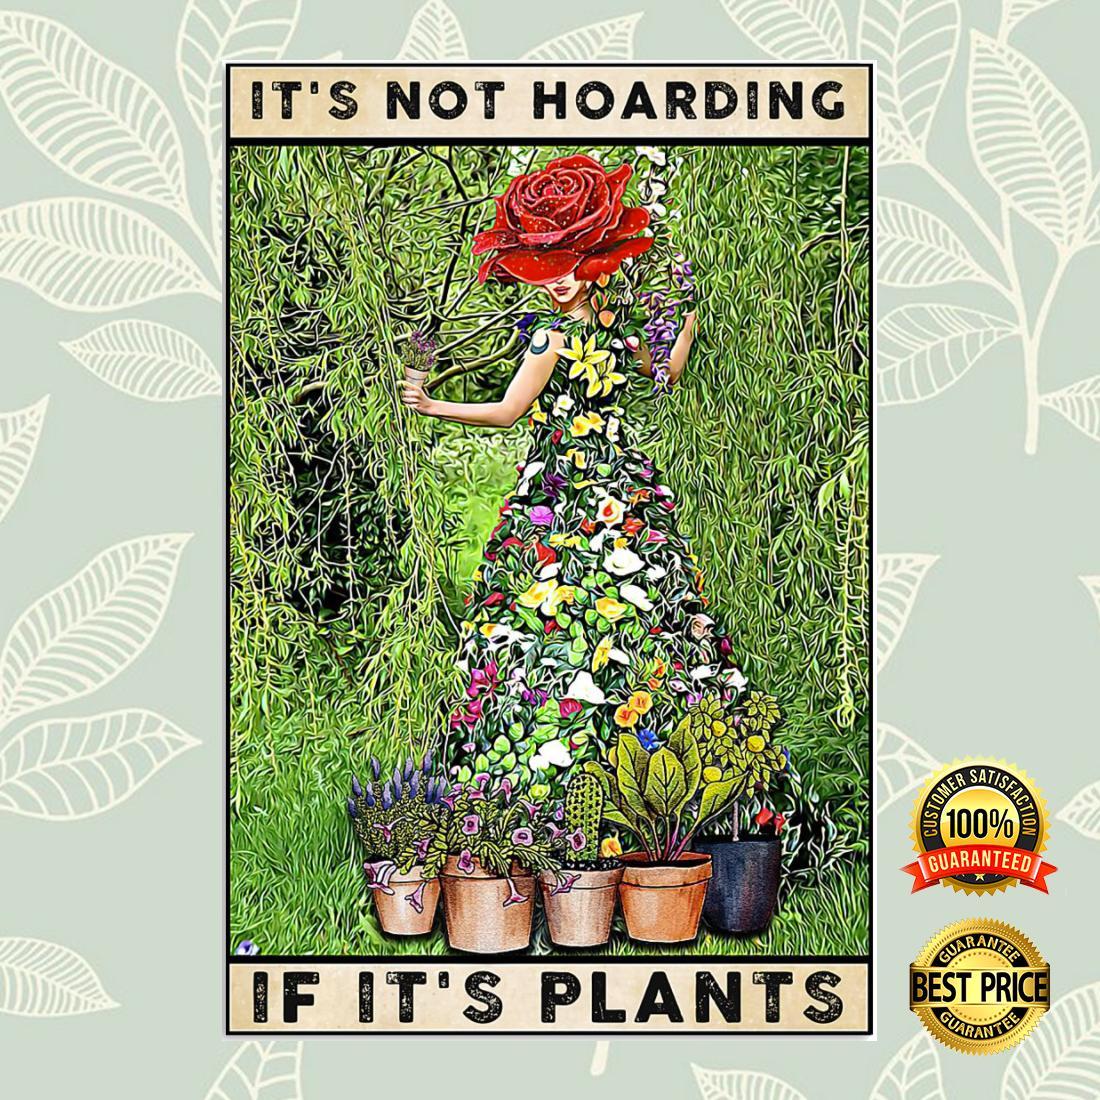 It's not hoarding if it's plants poster 5